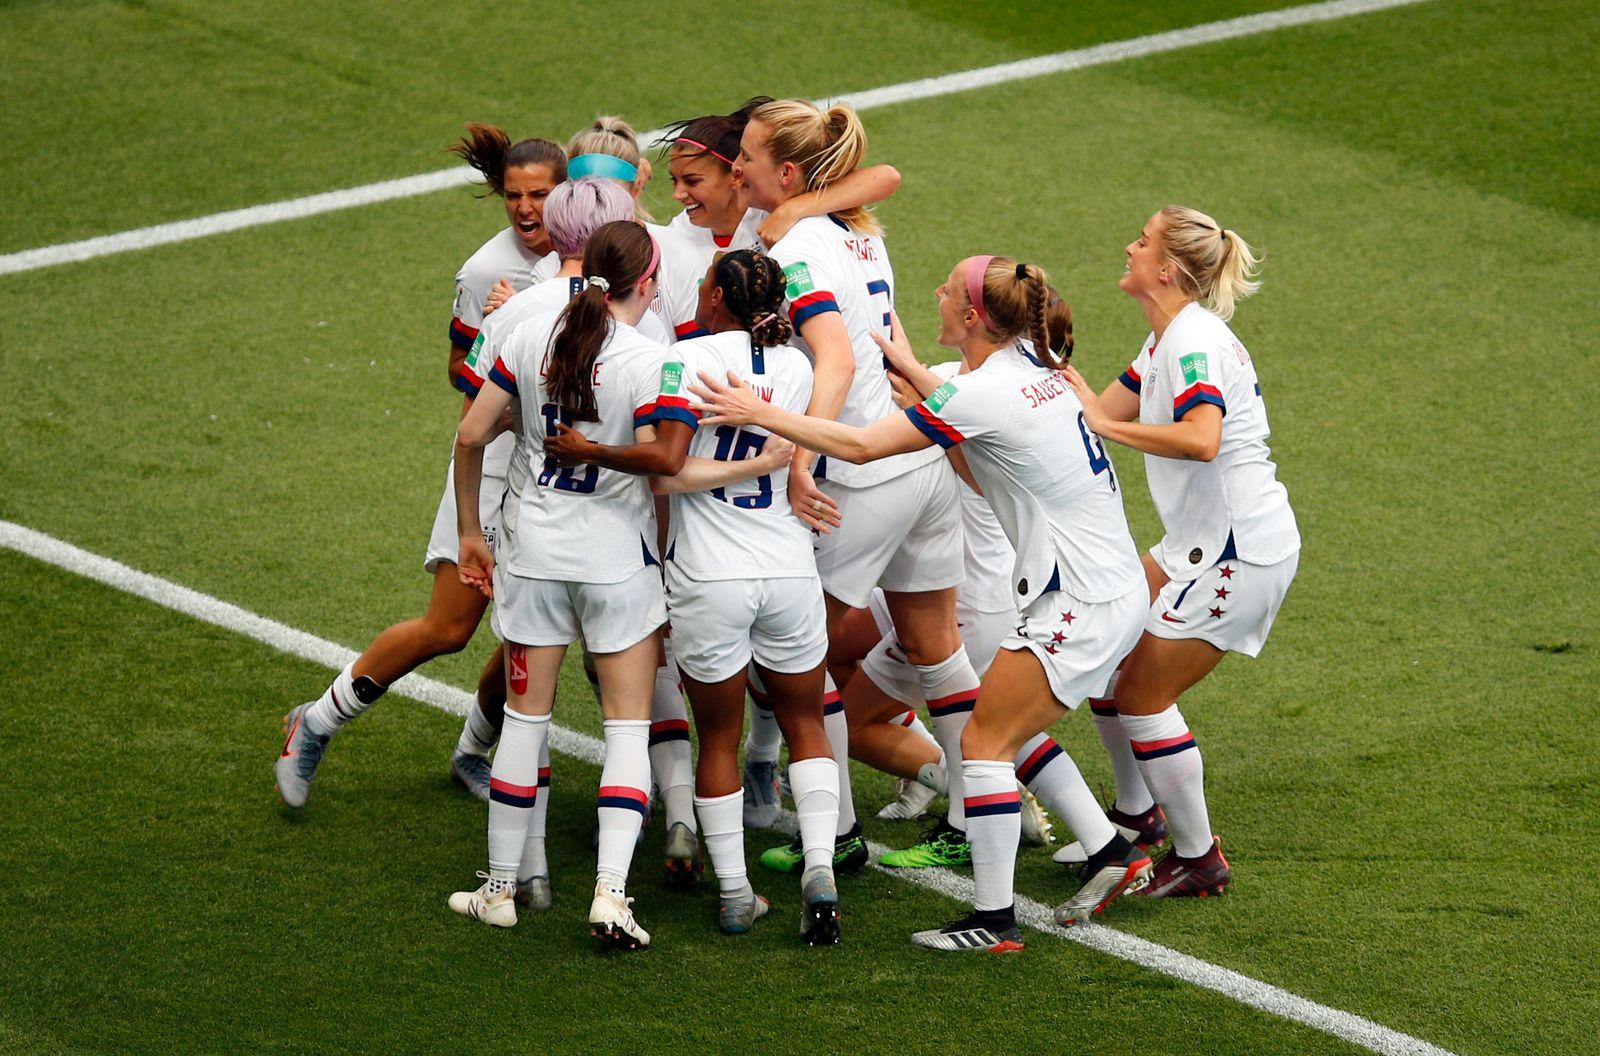 Frauenfußball-WM - Frankreich - USA